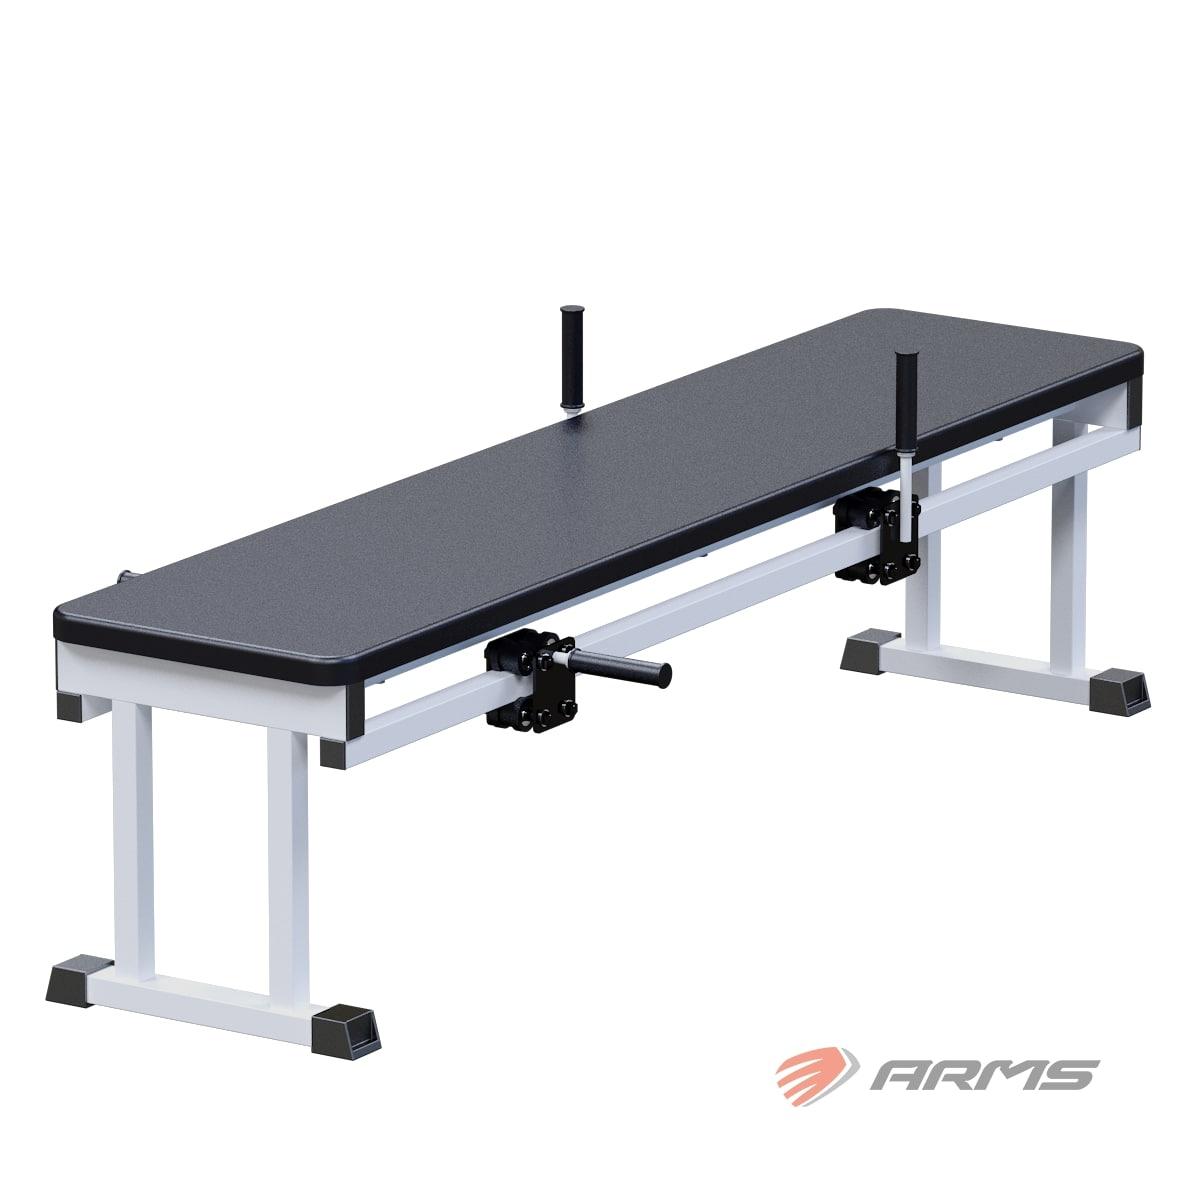 Тренажер для инвалидов ARMS ТИК 2 Кушетка универсал 2 Кушетка с параллельным движением фото